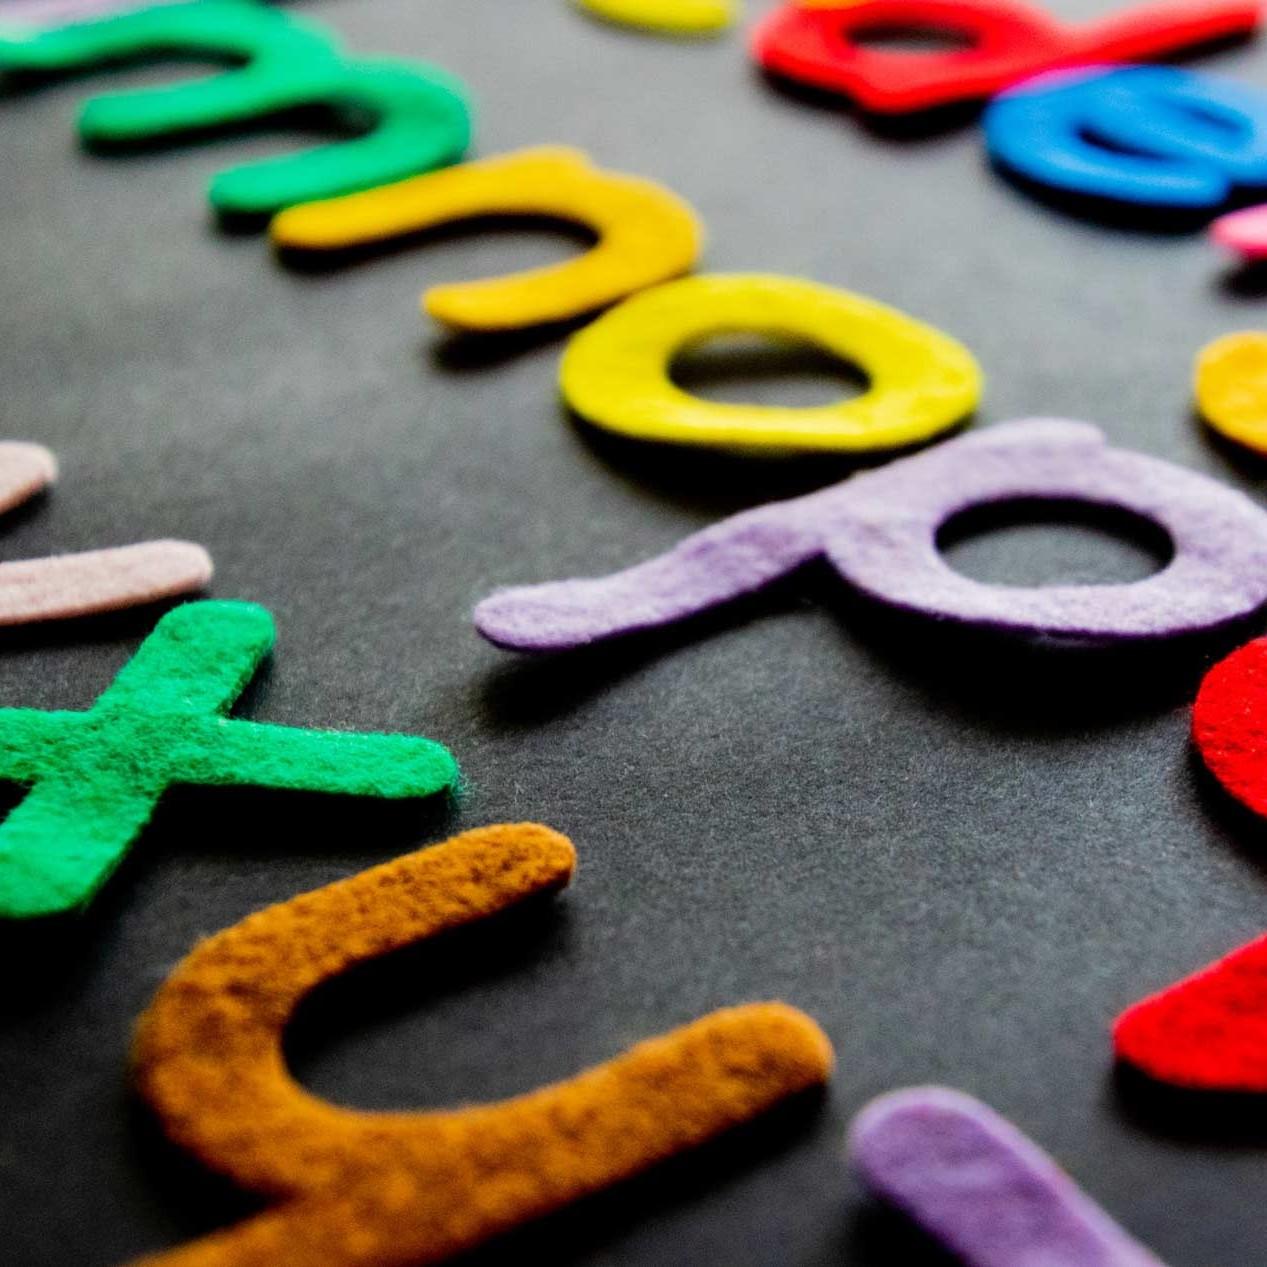 La importancia de las preguntas en la estimulación del lenguaje en la infancia